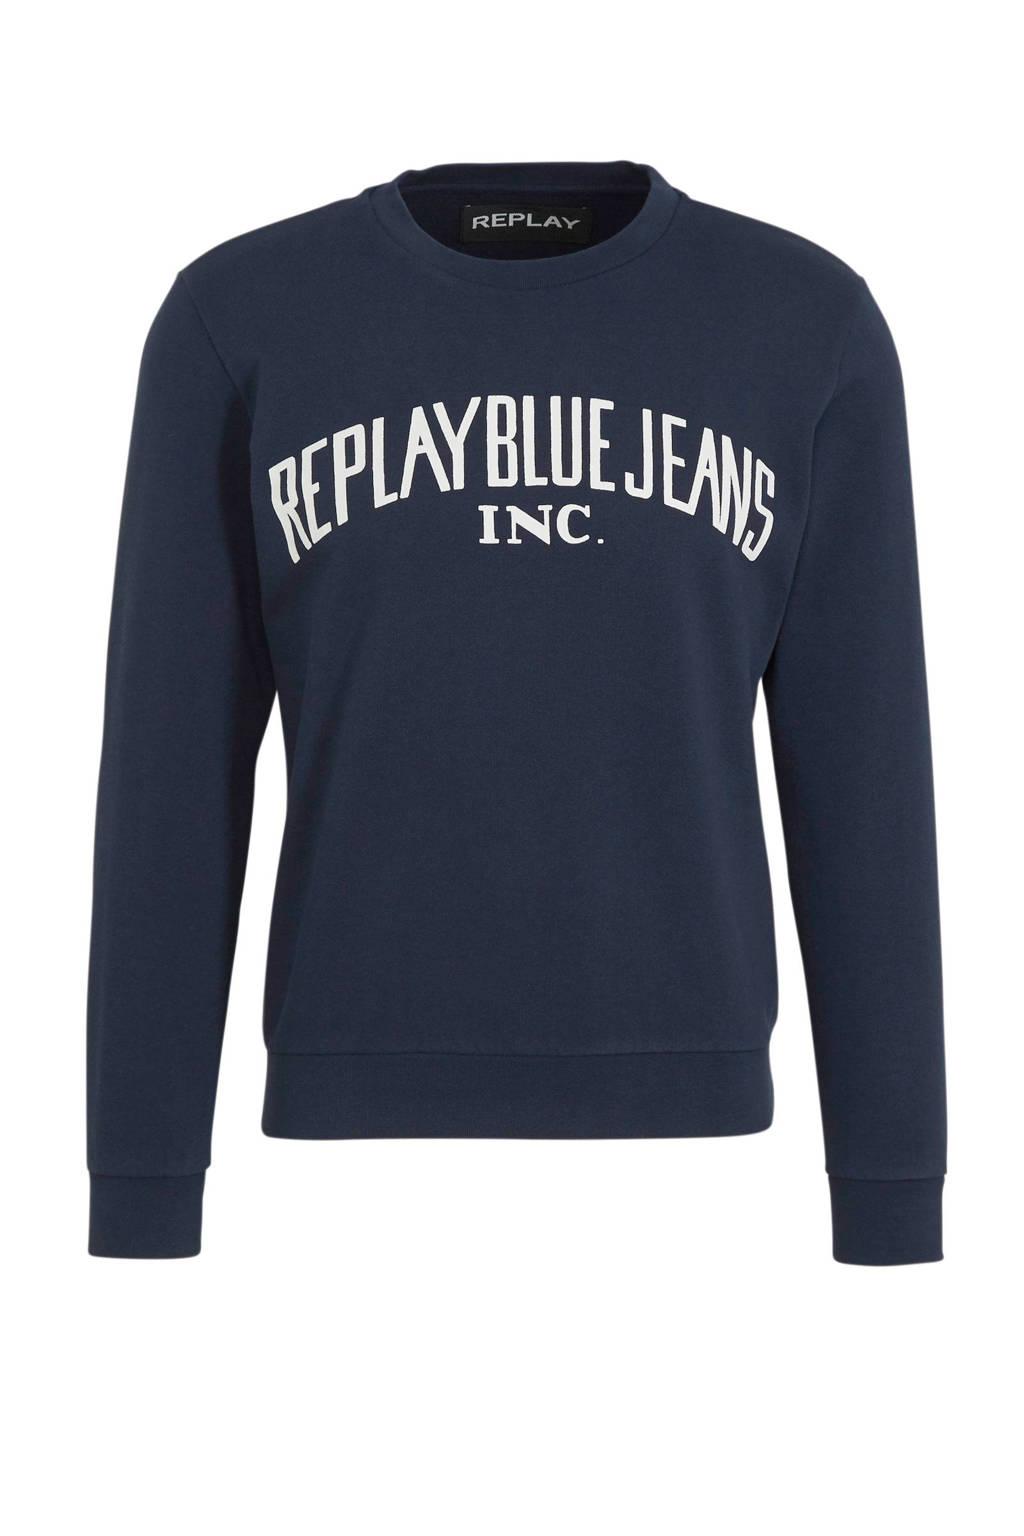 REPLAY sweater met logo donkerblauw, Donkerblauw